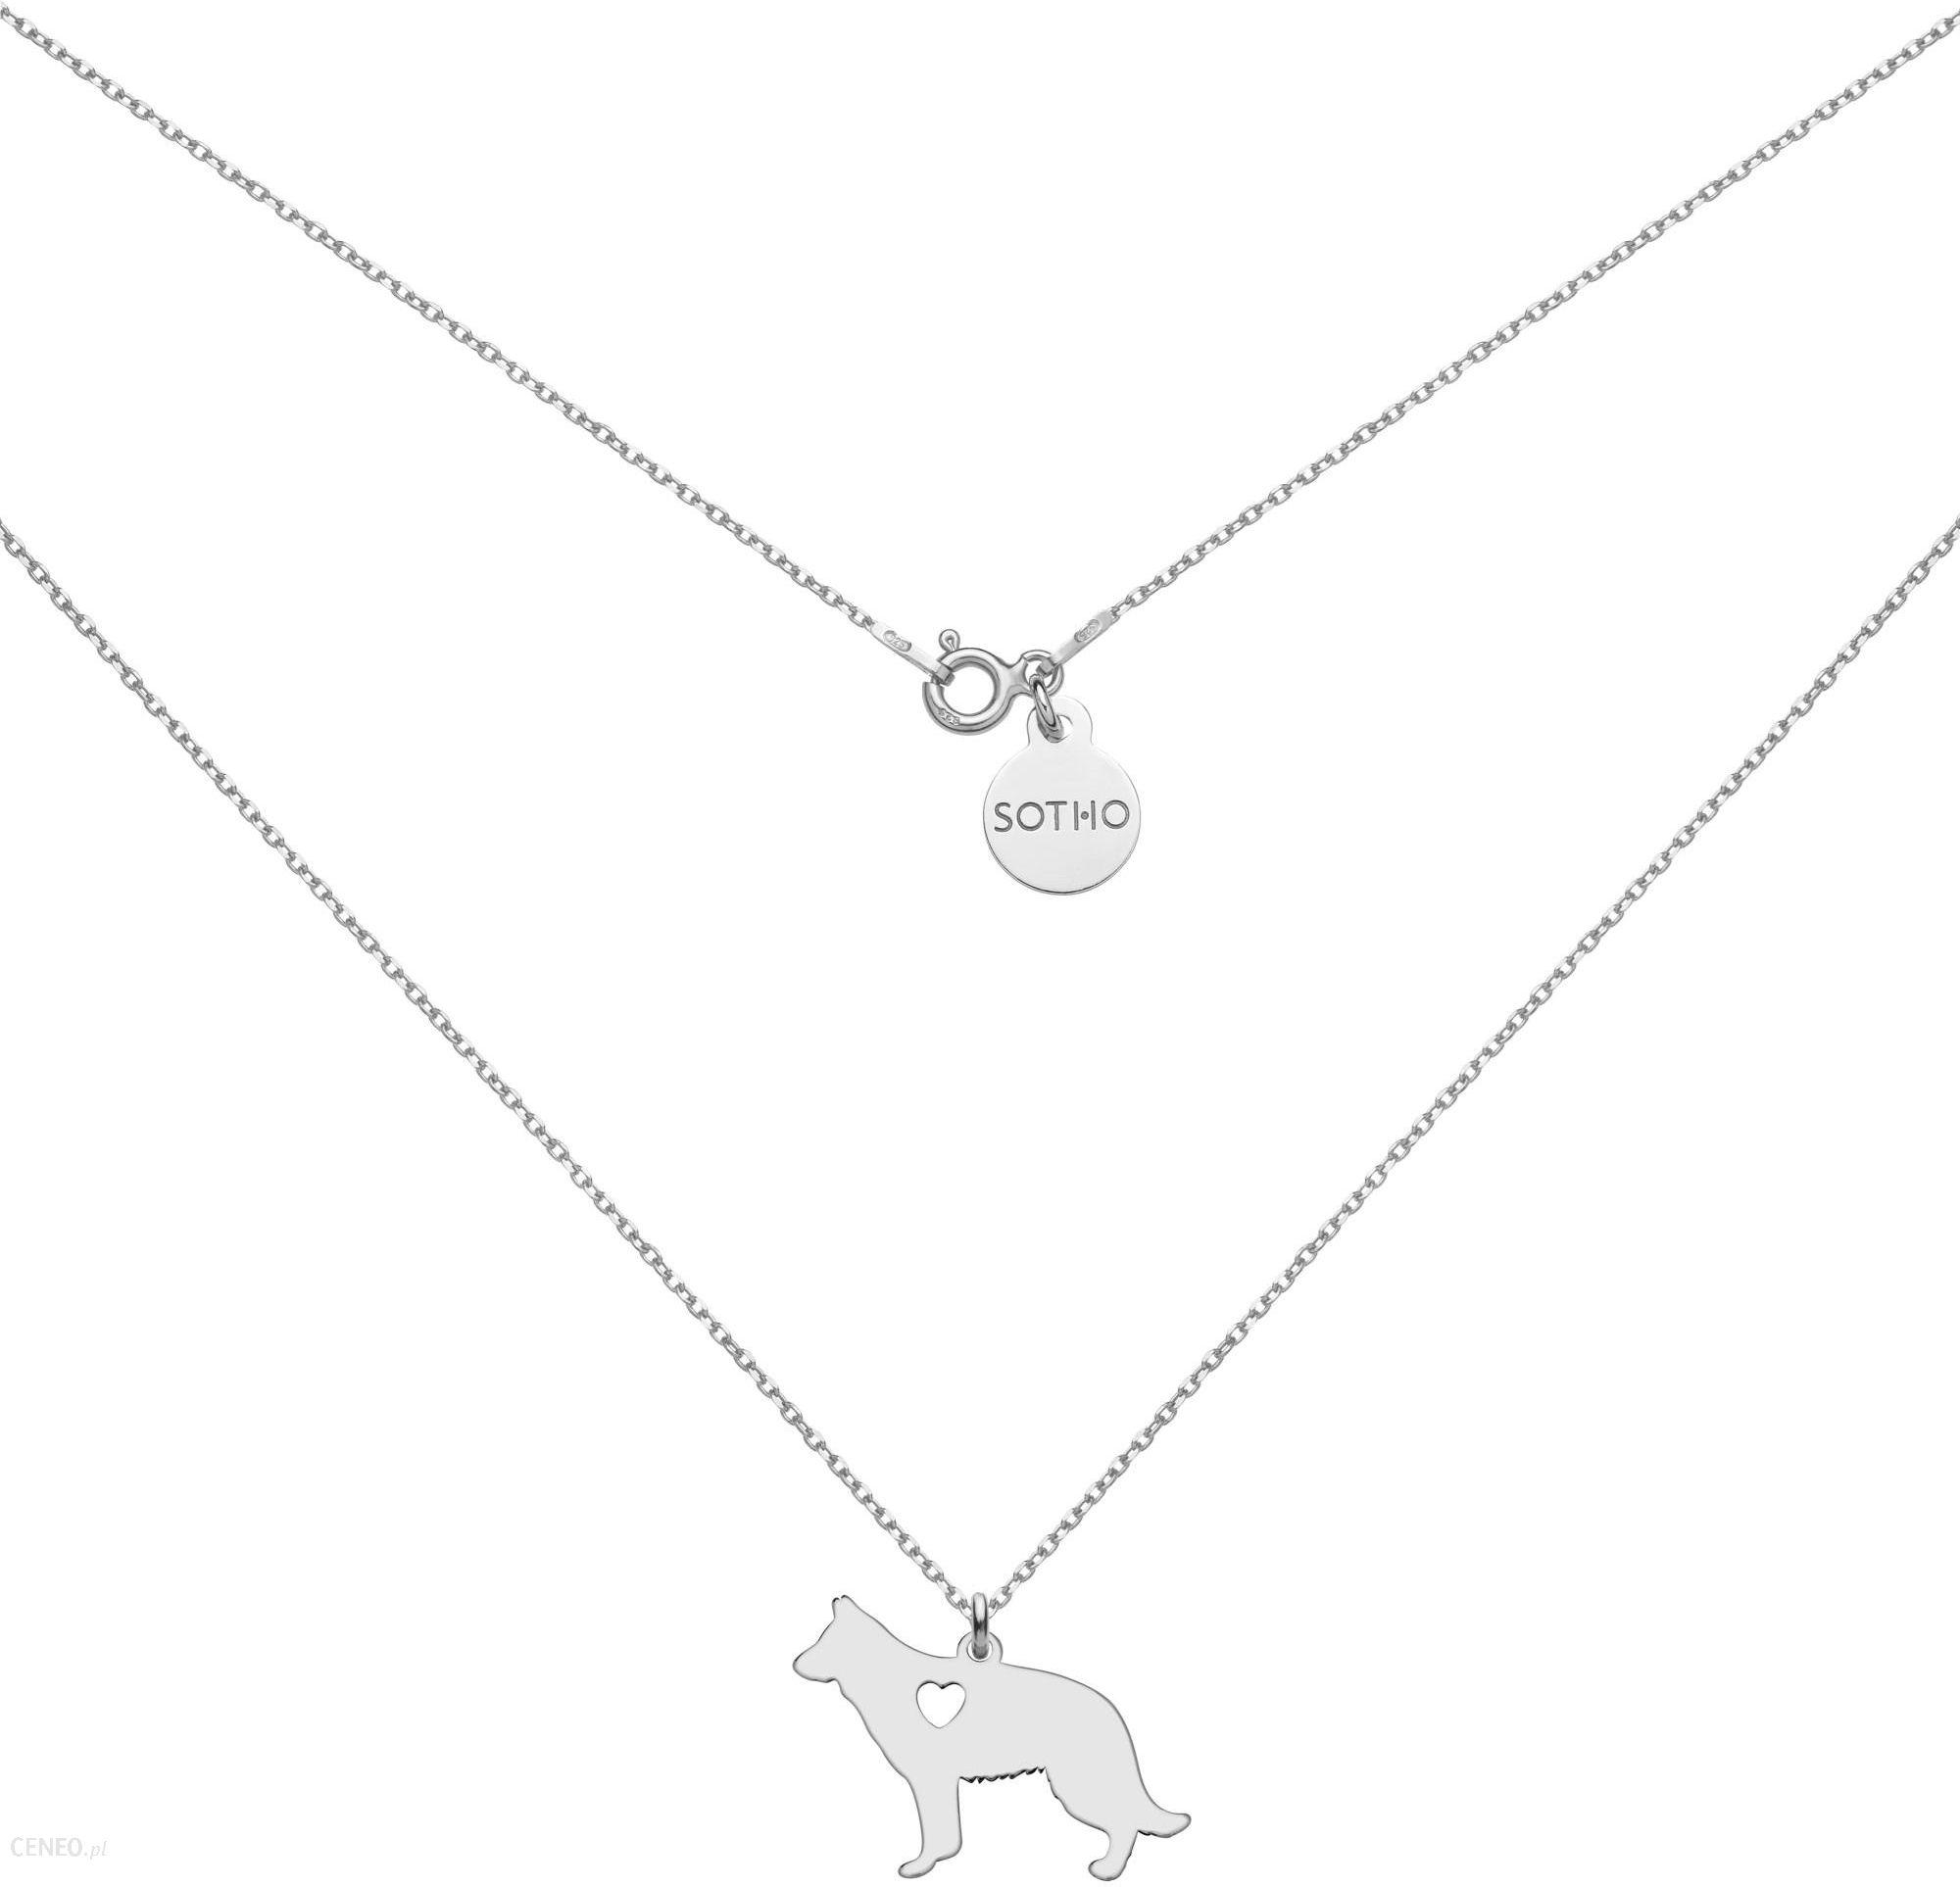 7880a965c779dd Srebrny naszyjnik z psem rasy owczarek niemiecki - zdjęcie 1; « »